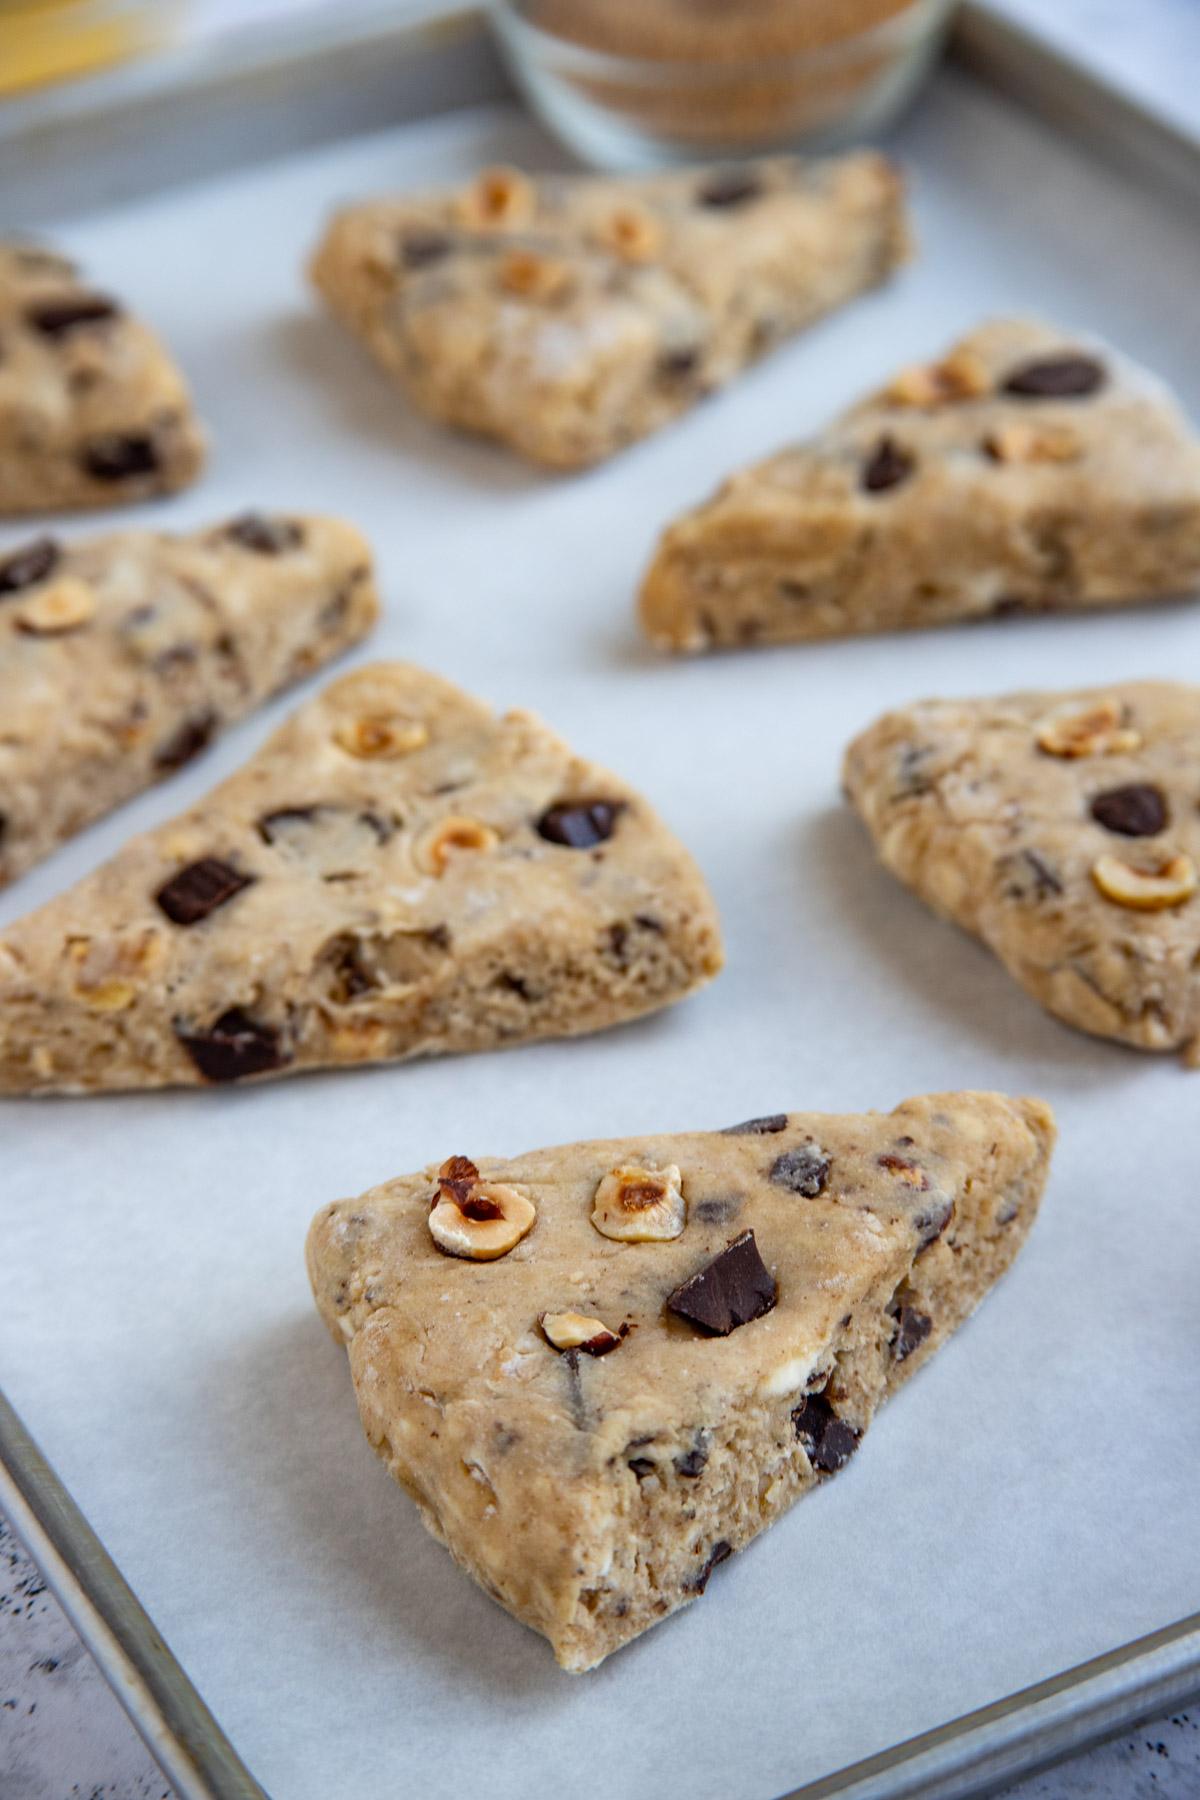 Unbaked chocolate hazelnut scones on a baking sheet